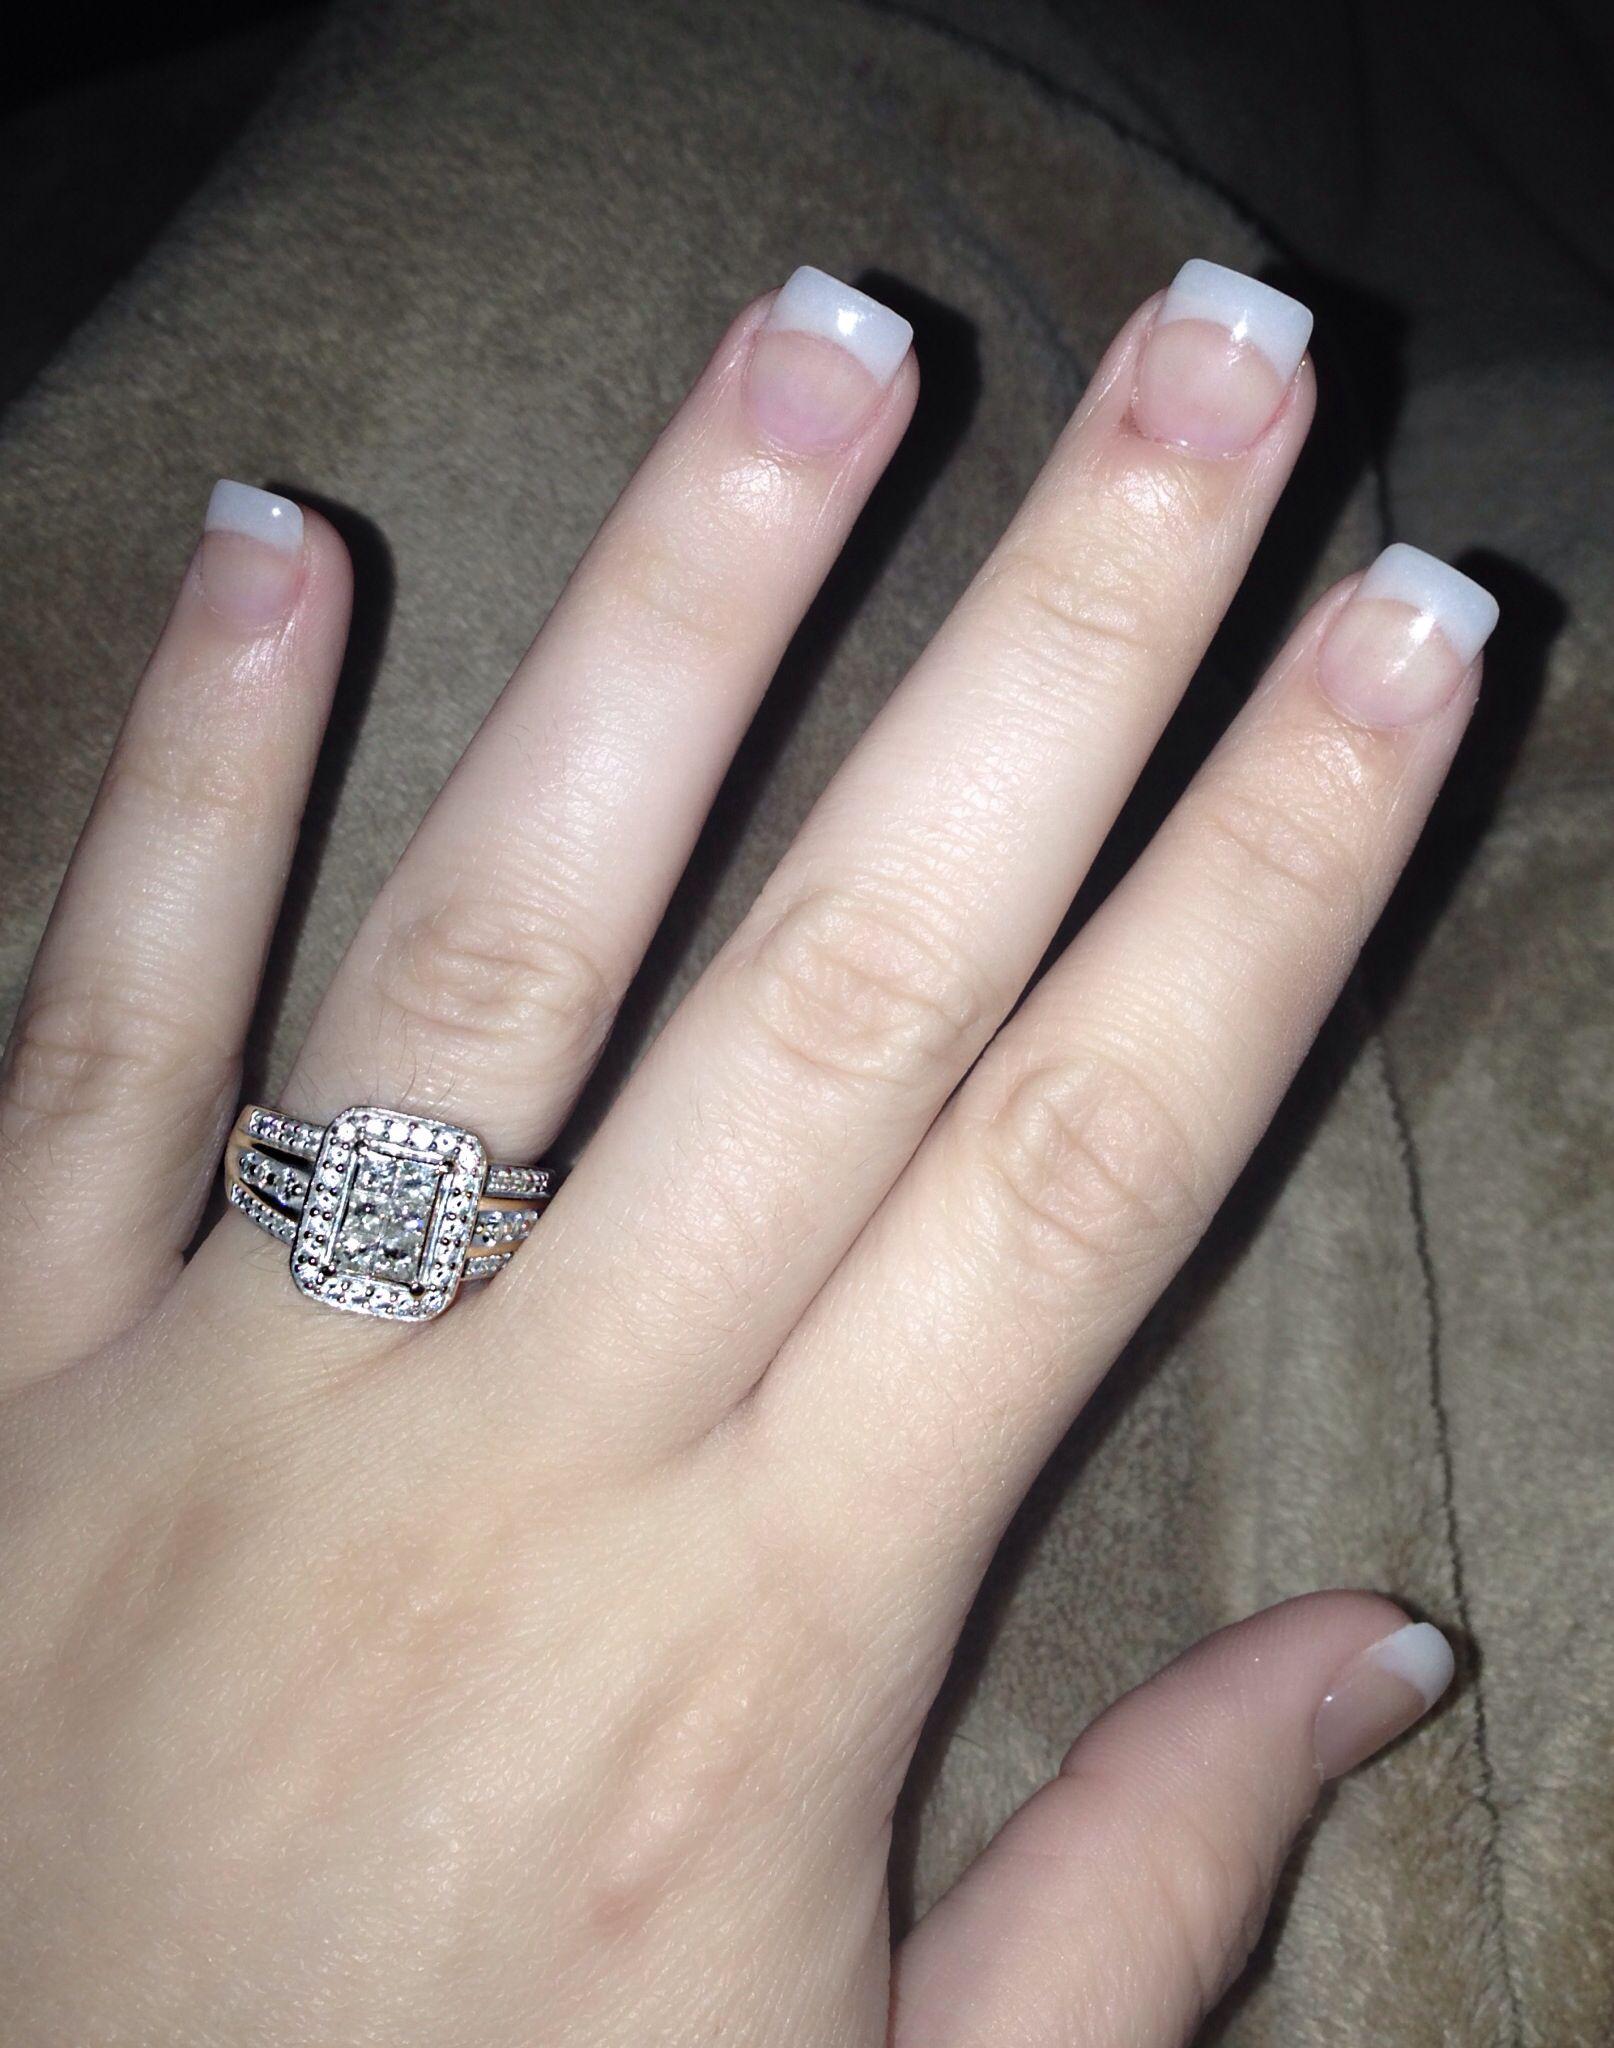 Natural looking acrylic nails | Makeup & Beauty | Pinterest ...